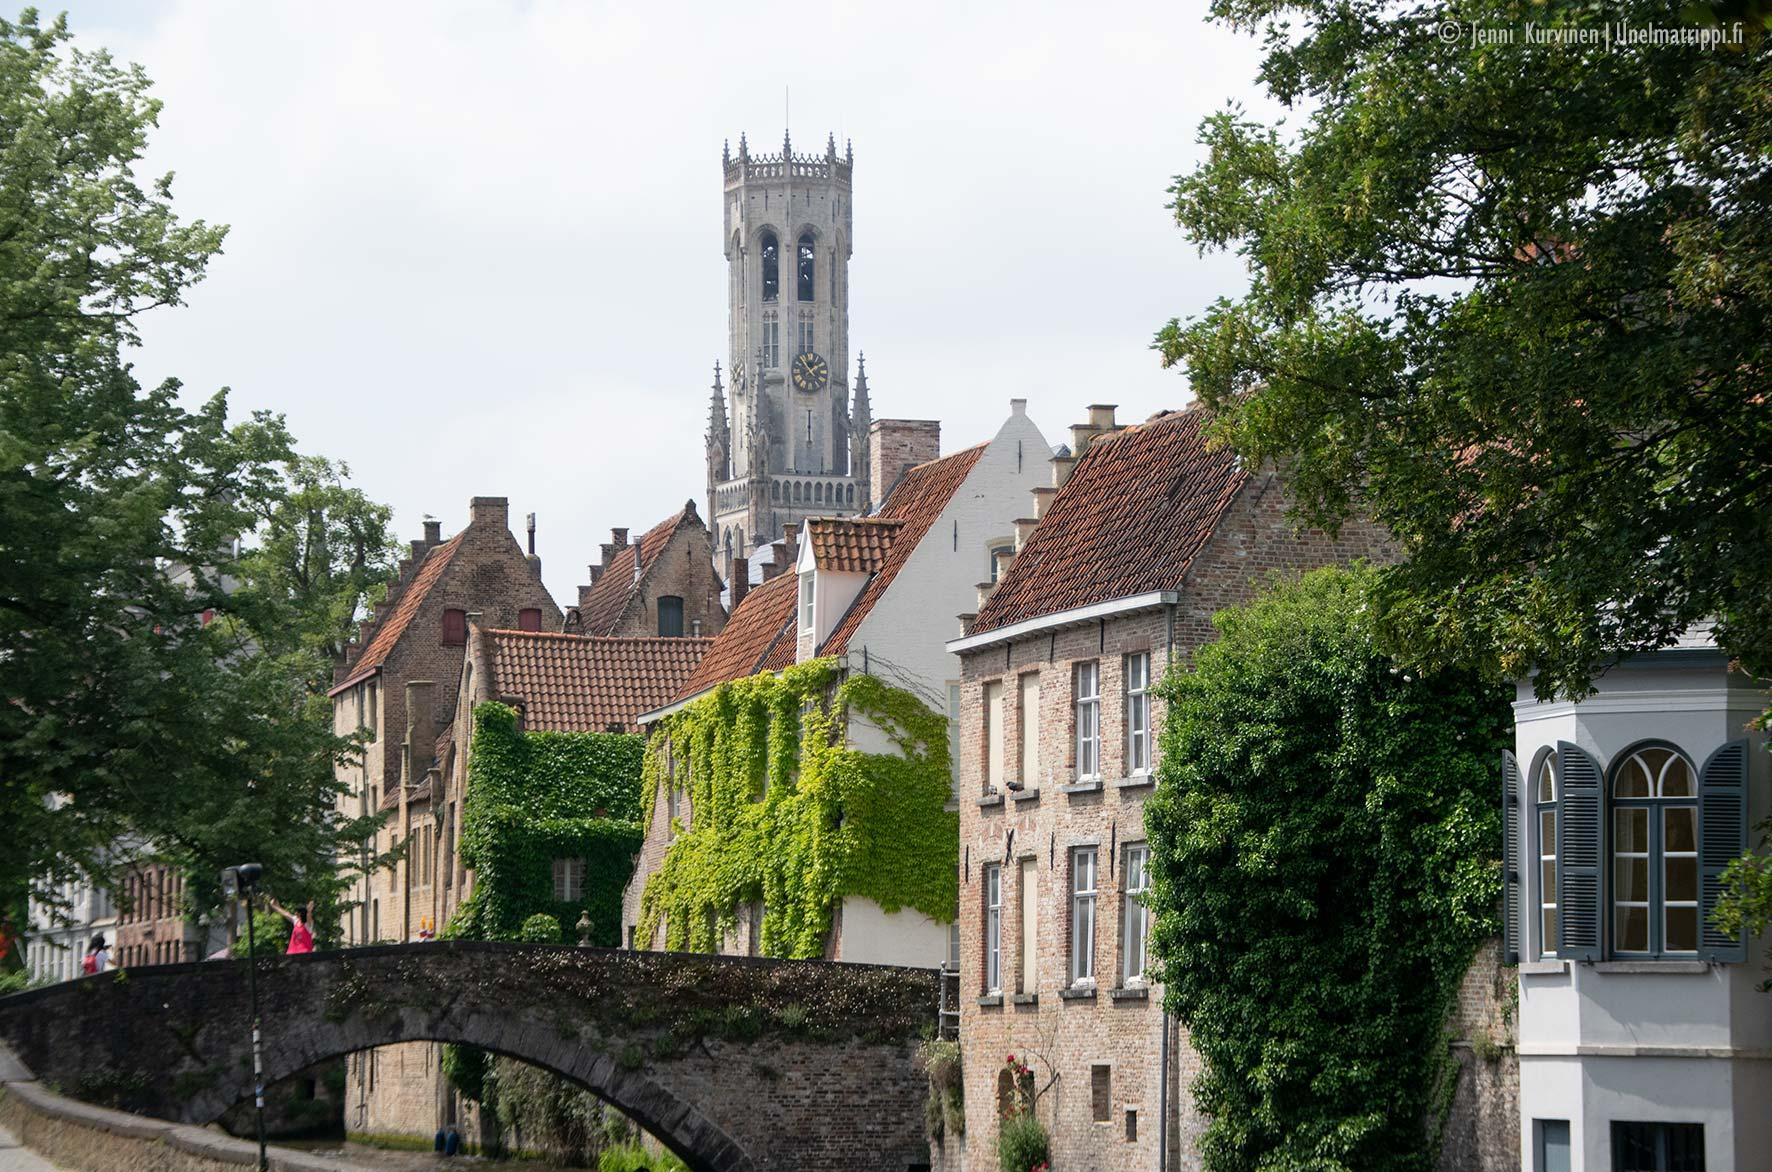 20181007-Unelmatrippi-Brugge-DSC0799